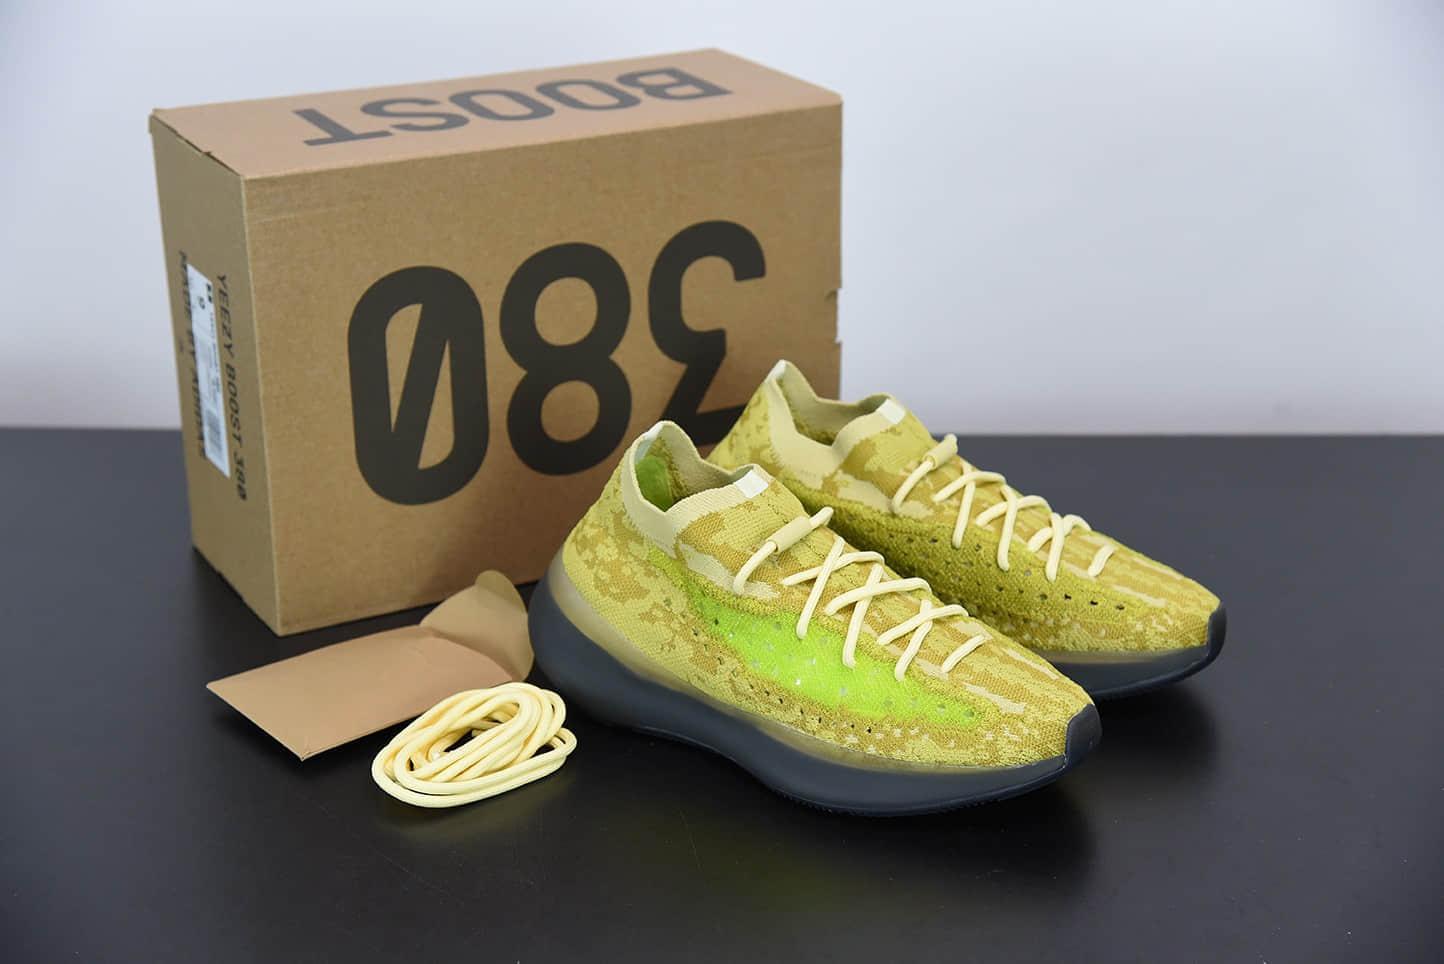 """阿迪达斯Adidas Yeezy Boost 380 """"Hylte Glow""""棕黄色巴斯夫休闲慢跑鞋纯原版本 货号:FZ4990"""